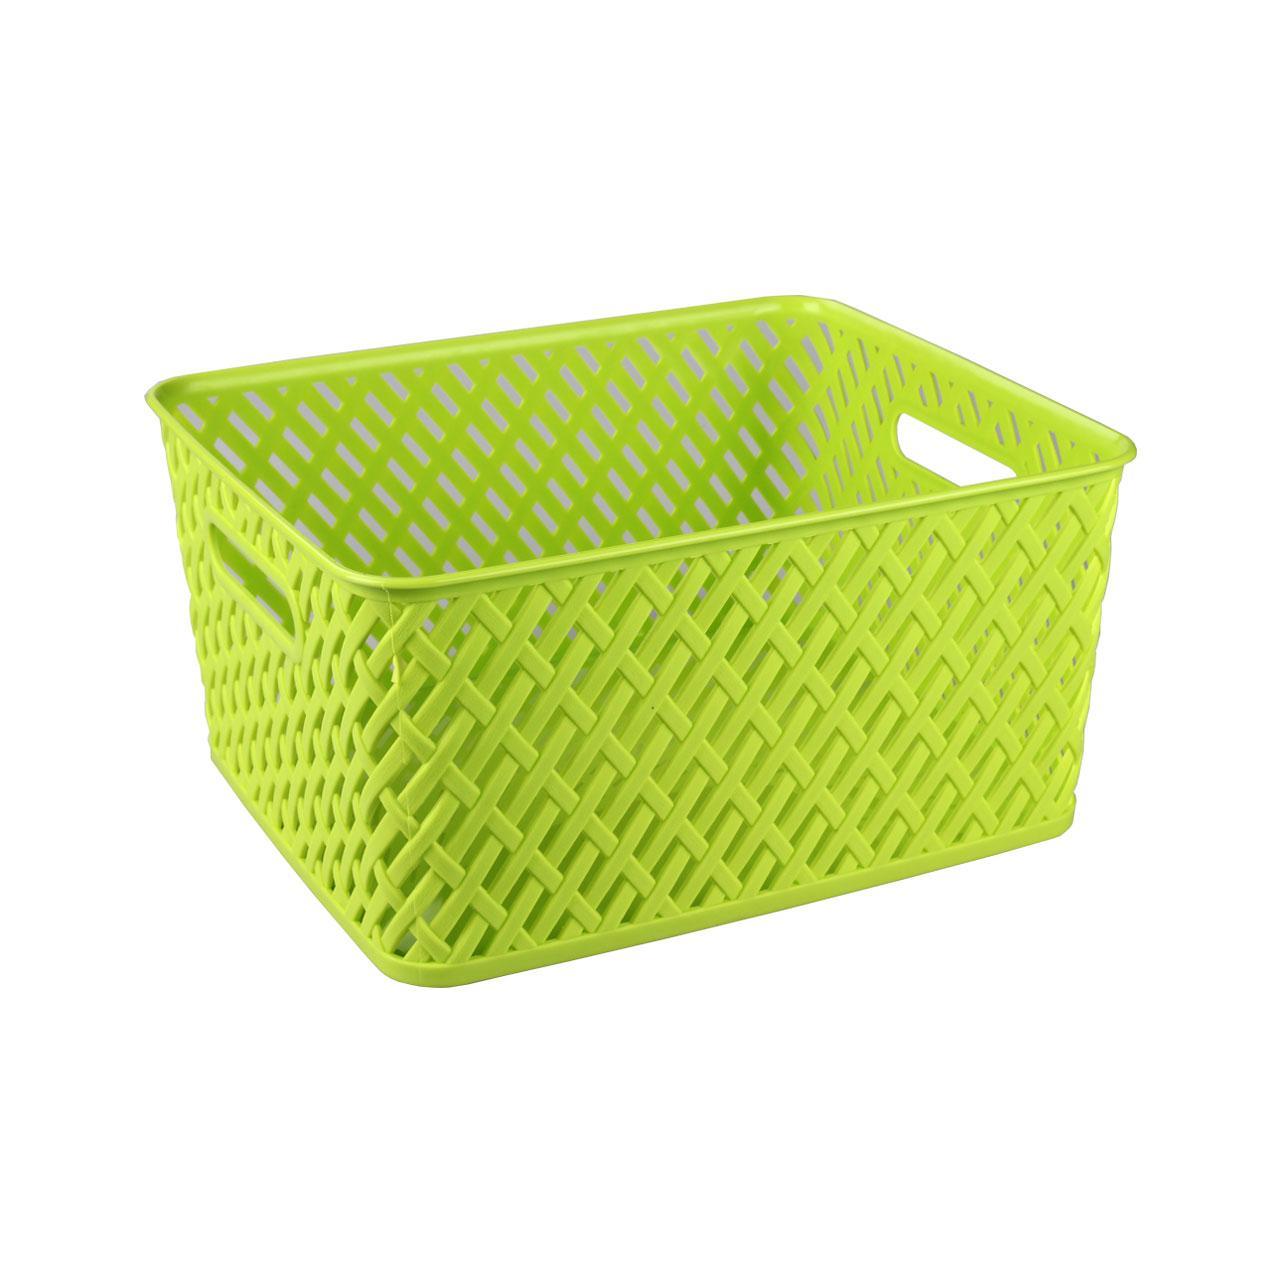 Корзина Альтернатива Плетенка, цвет: салатовый, 35 см х 29 см х 17,5 смМ3504Прямоугольная корзина Плетенка изготовлена из высококачественного пластика и декорирована перфорацией. Она предназначена для хранения различных мелочей дома или на даче. Благодаря сплошному дну позволяет хранить мелкие вещи, исключая возможность их потери. Имеются 2 ручки для удобной переноски. Корзина очень вместительная. Элегантный выдержанный дизайн позволяет органично вписаться в ваш интерьер и стать его элементом.